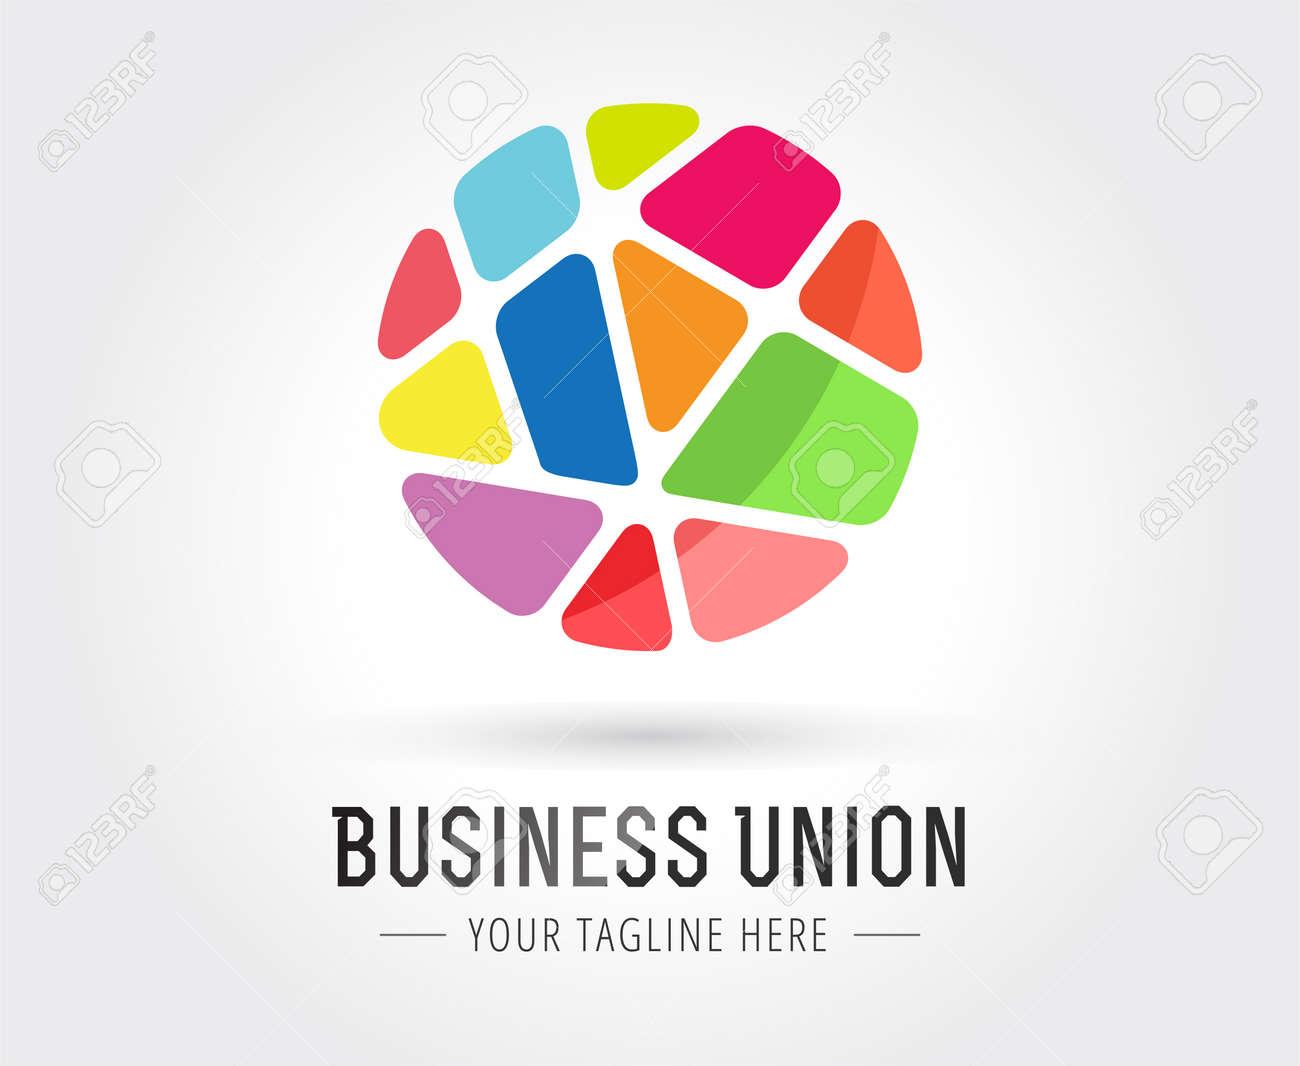 Zusammenfassung Vektor-Logo-Vorlage Für Branding Und Design ...